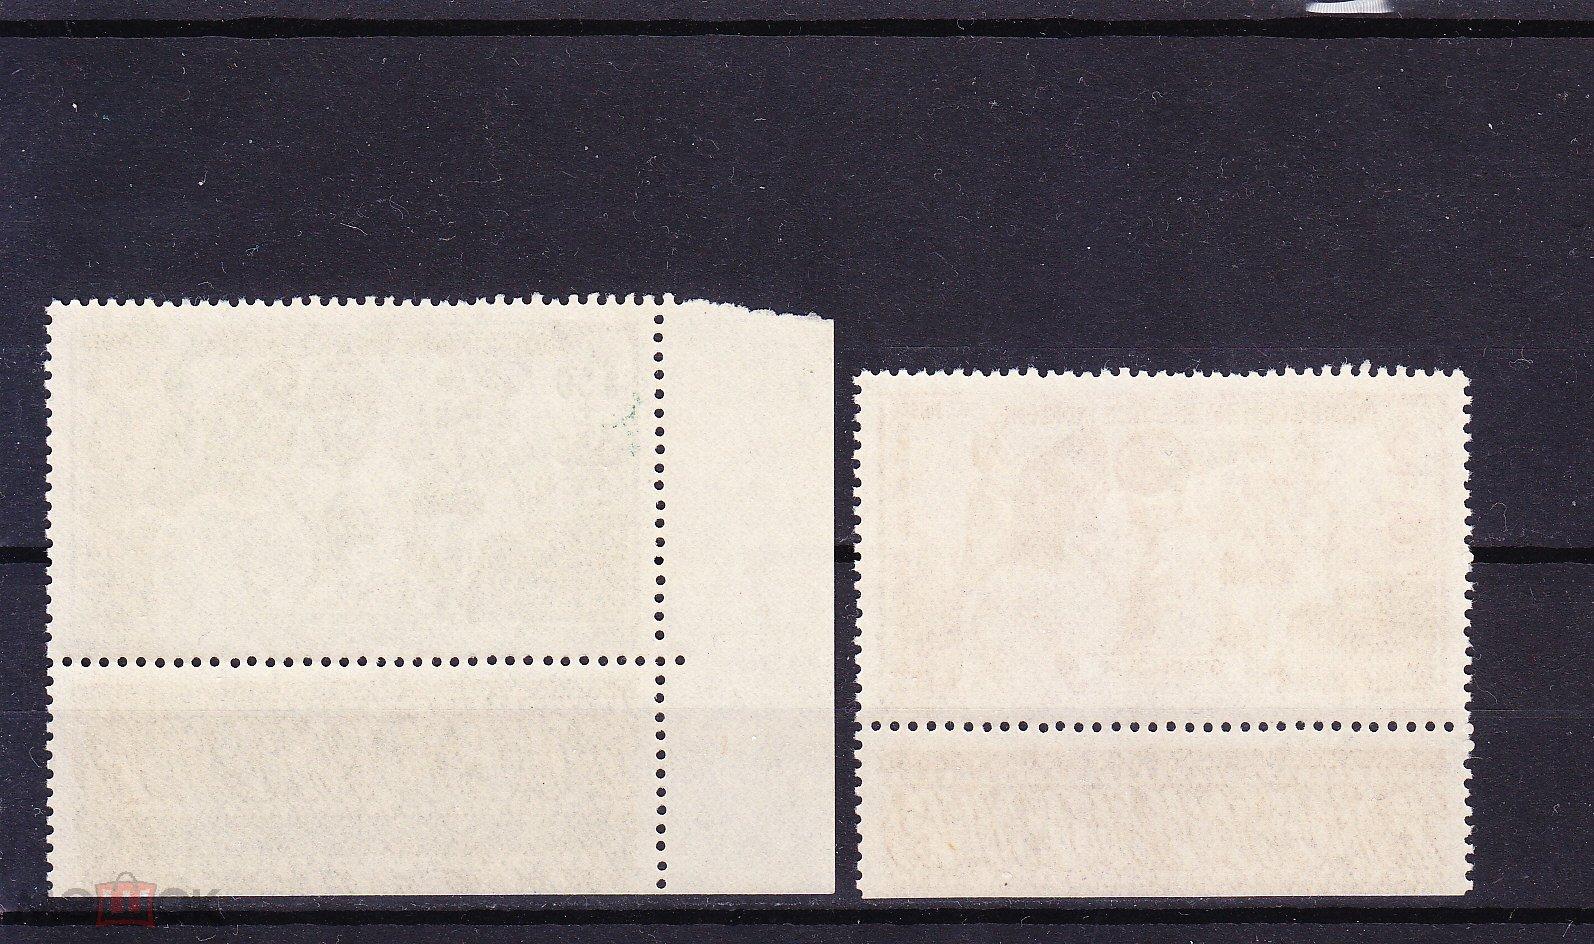 Французские колонии, Гваделупа, 1942 г., полная серия, авиапочта, MNH OG.